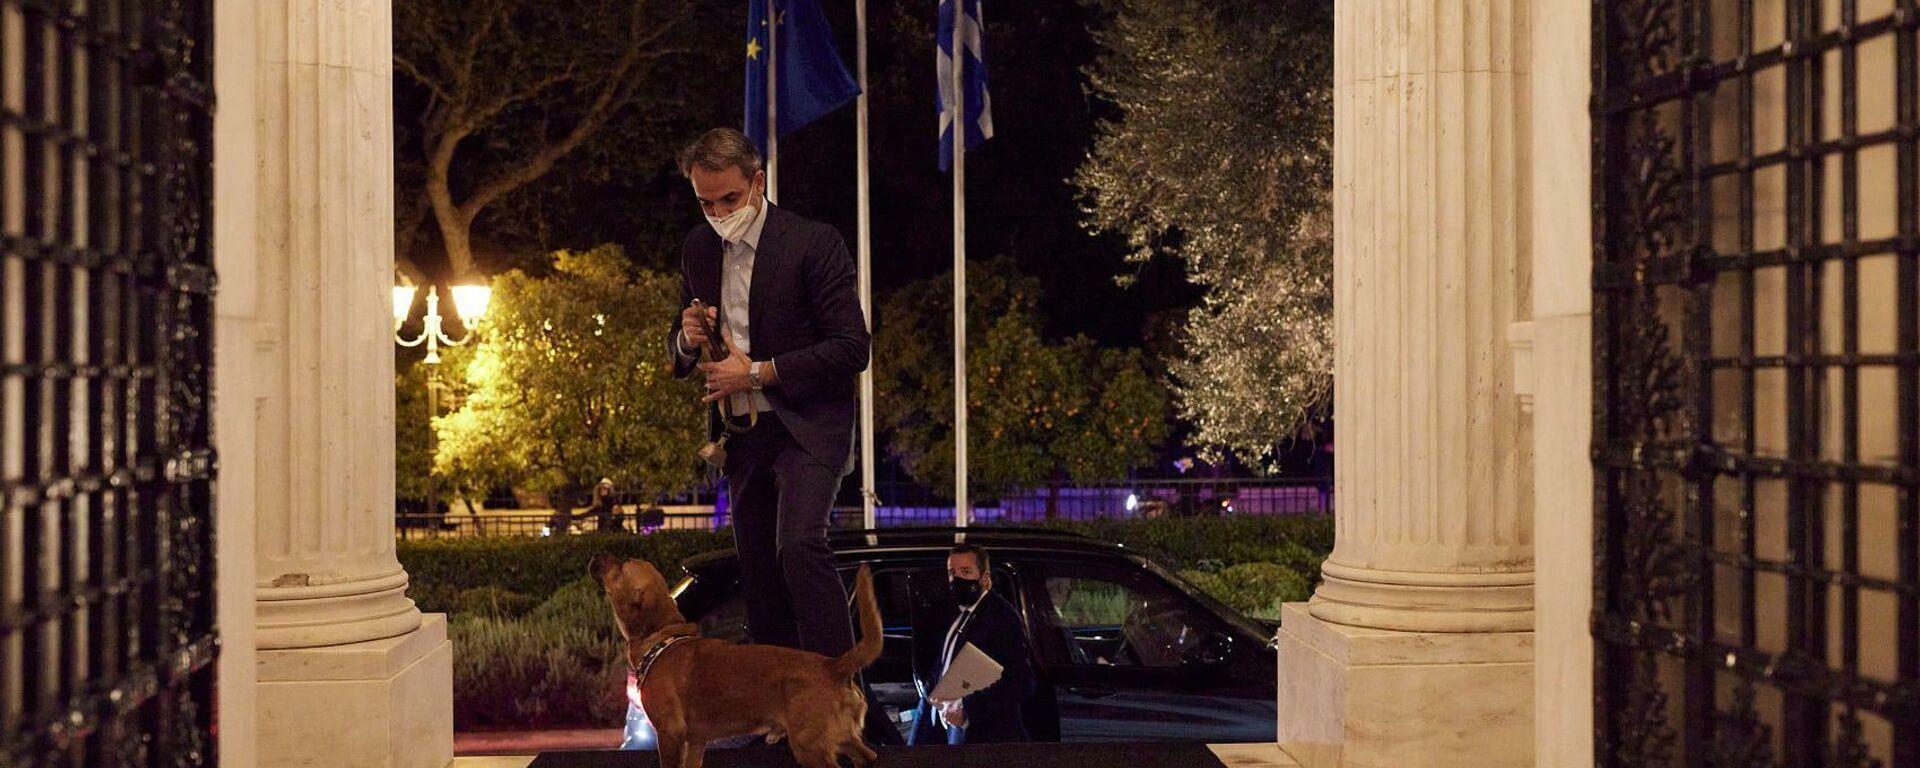 Ο Κυριάκος Μητσοτάκης υιοθέτησε σκυλάκι - Sputnik Ελλάδα, 1920, 18.04.2021